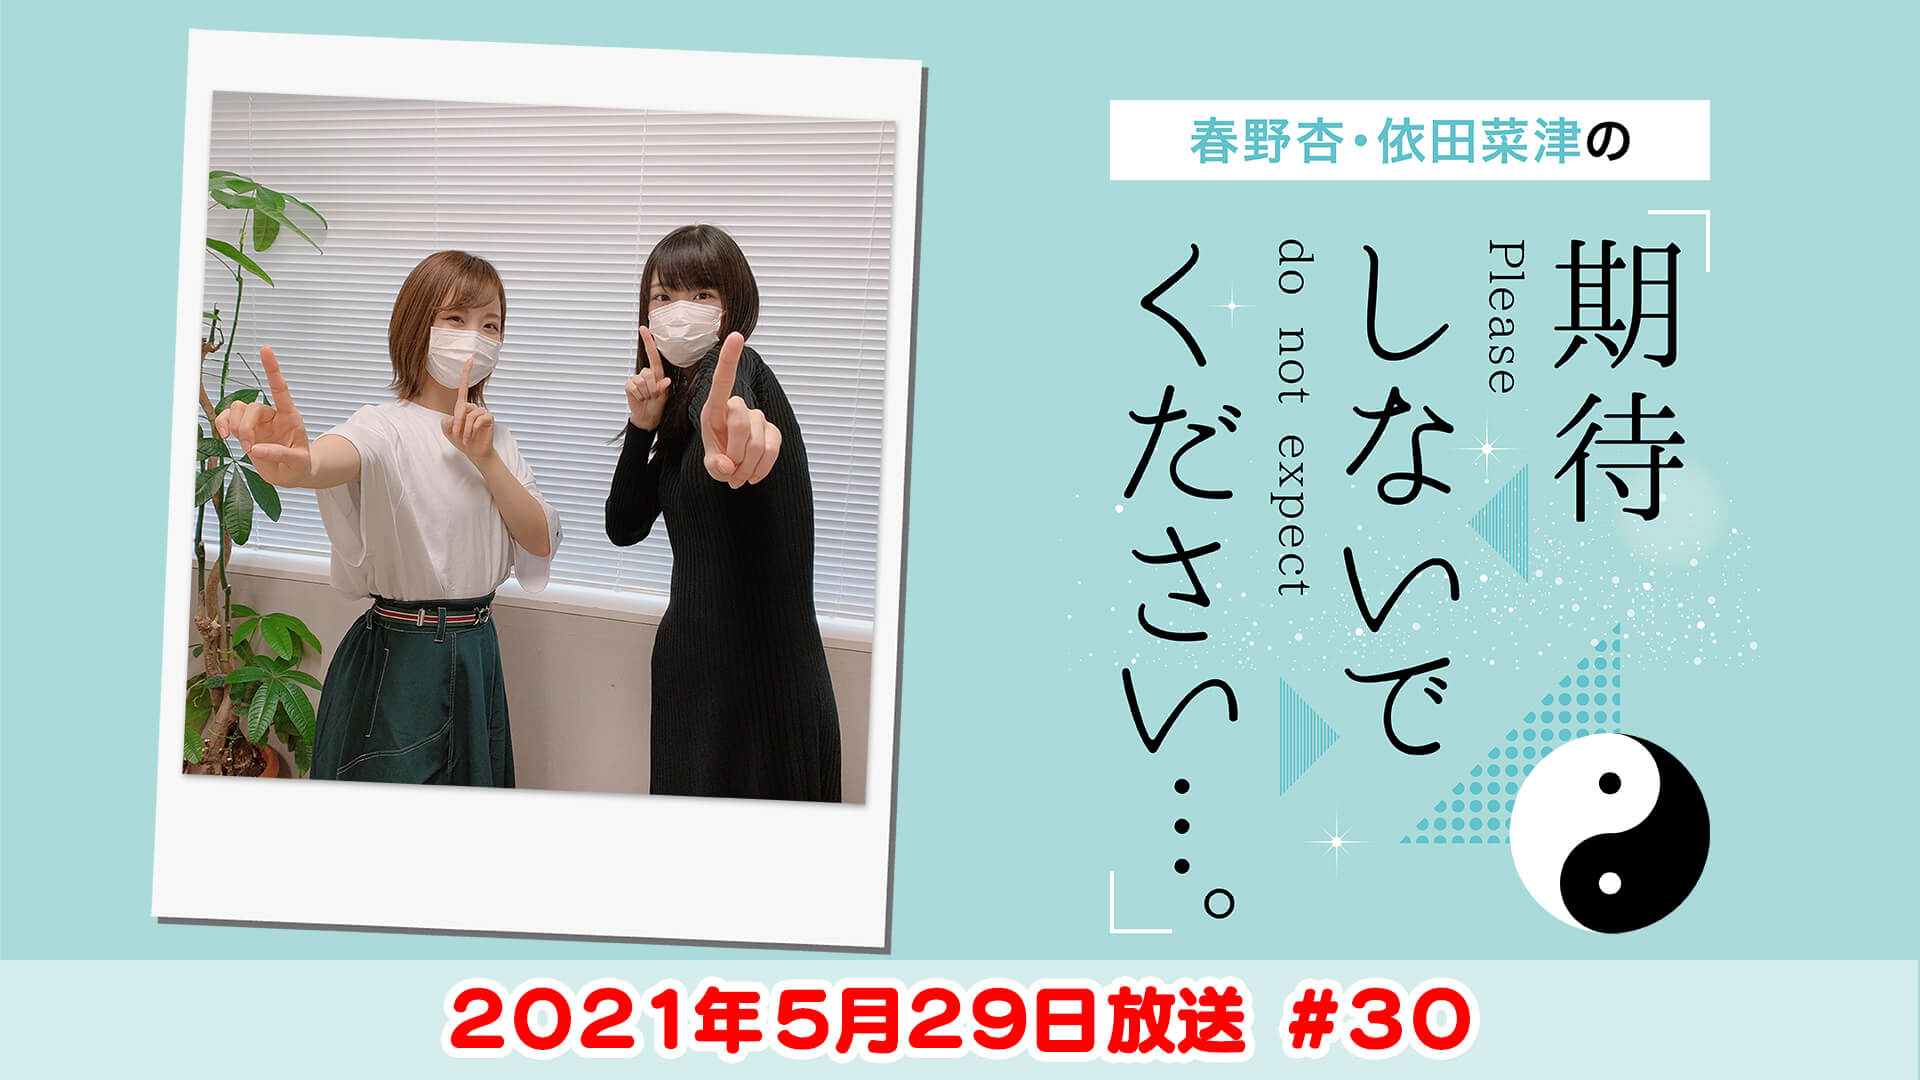 春野杏・依田菜津の「期待しないでください…。」#30 2021年5月29日放送